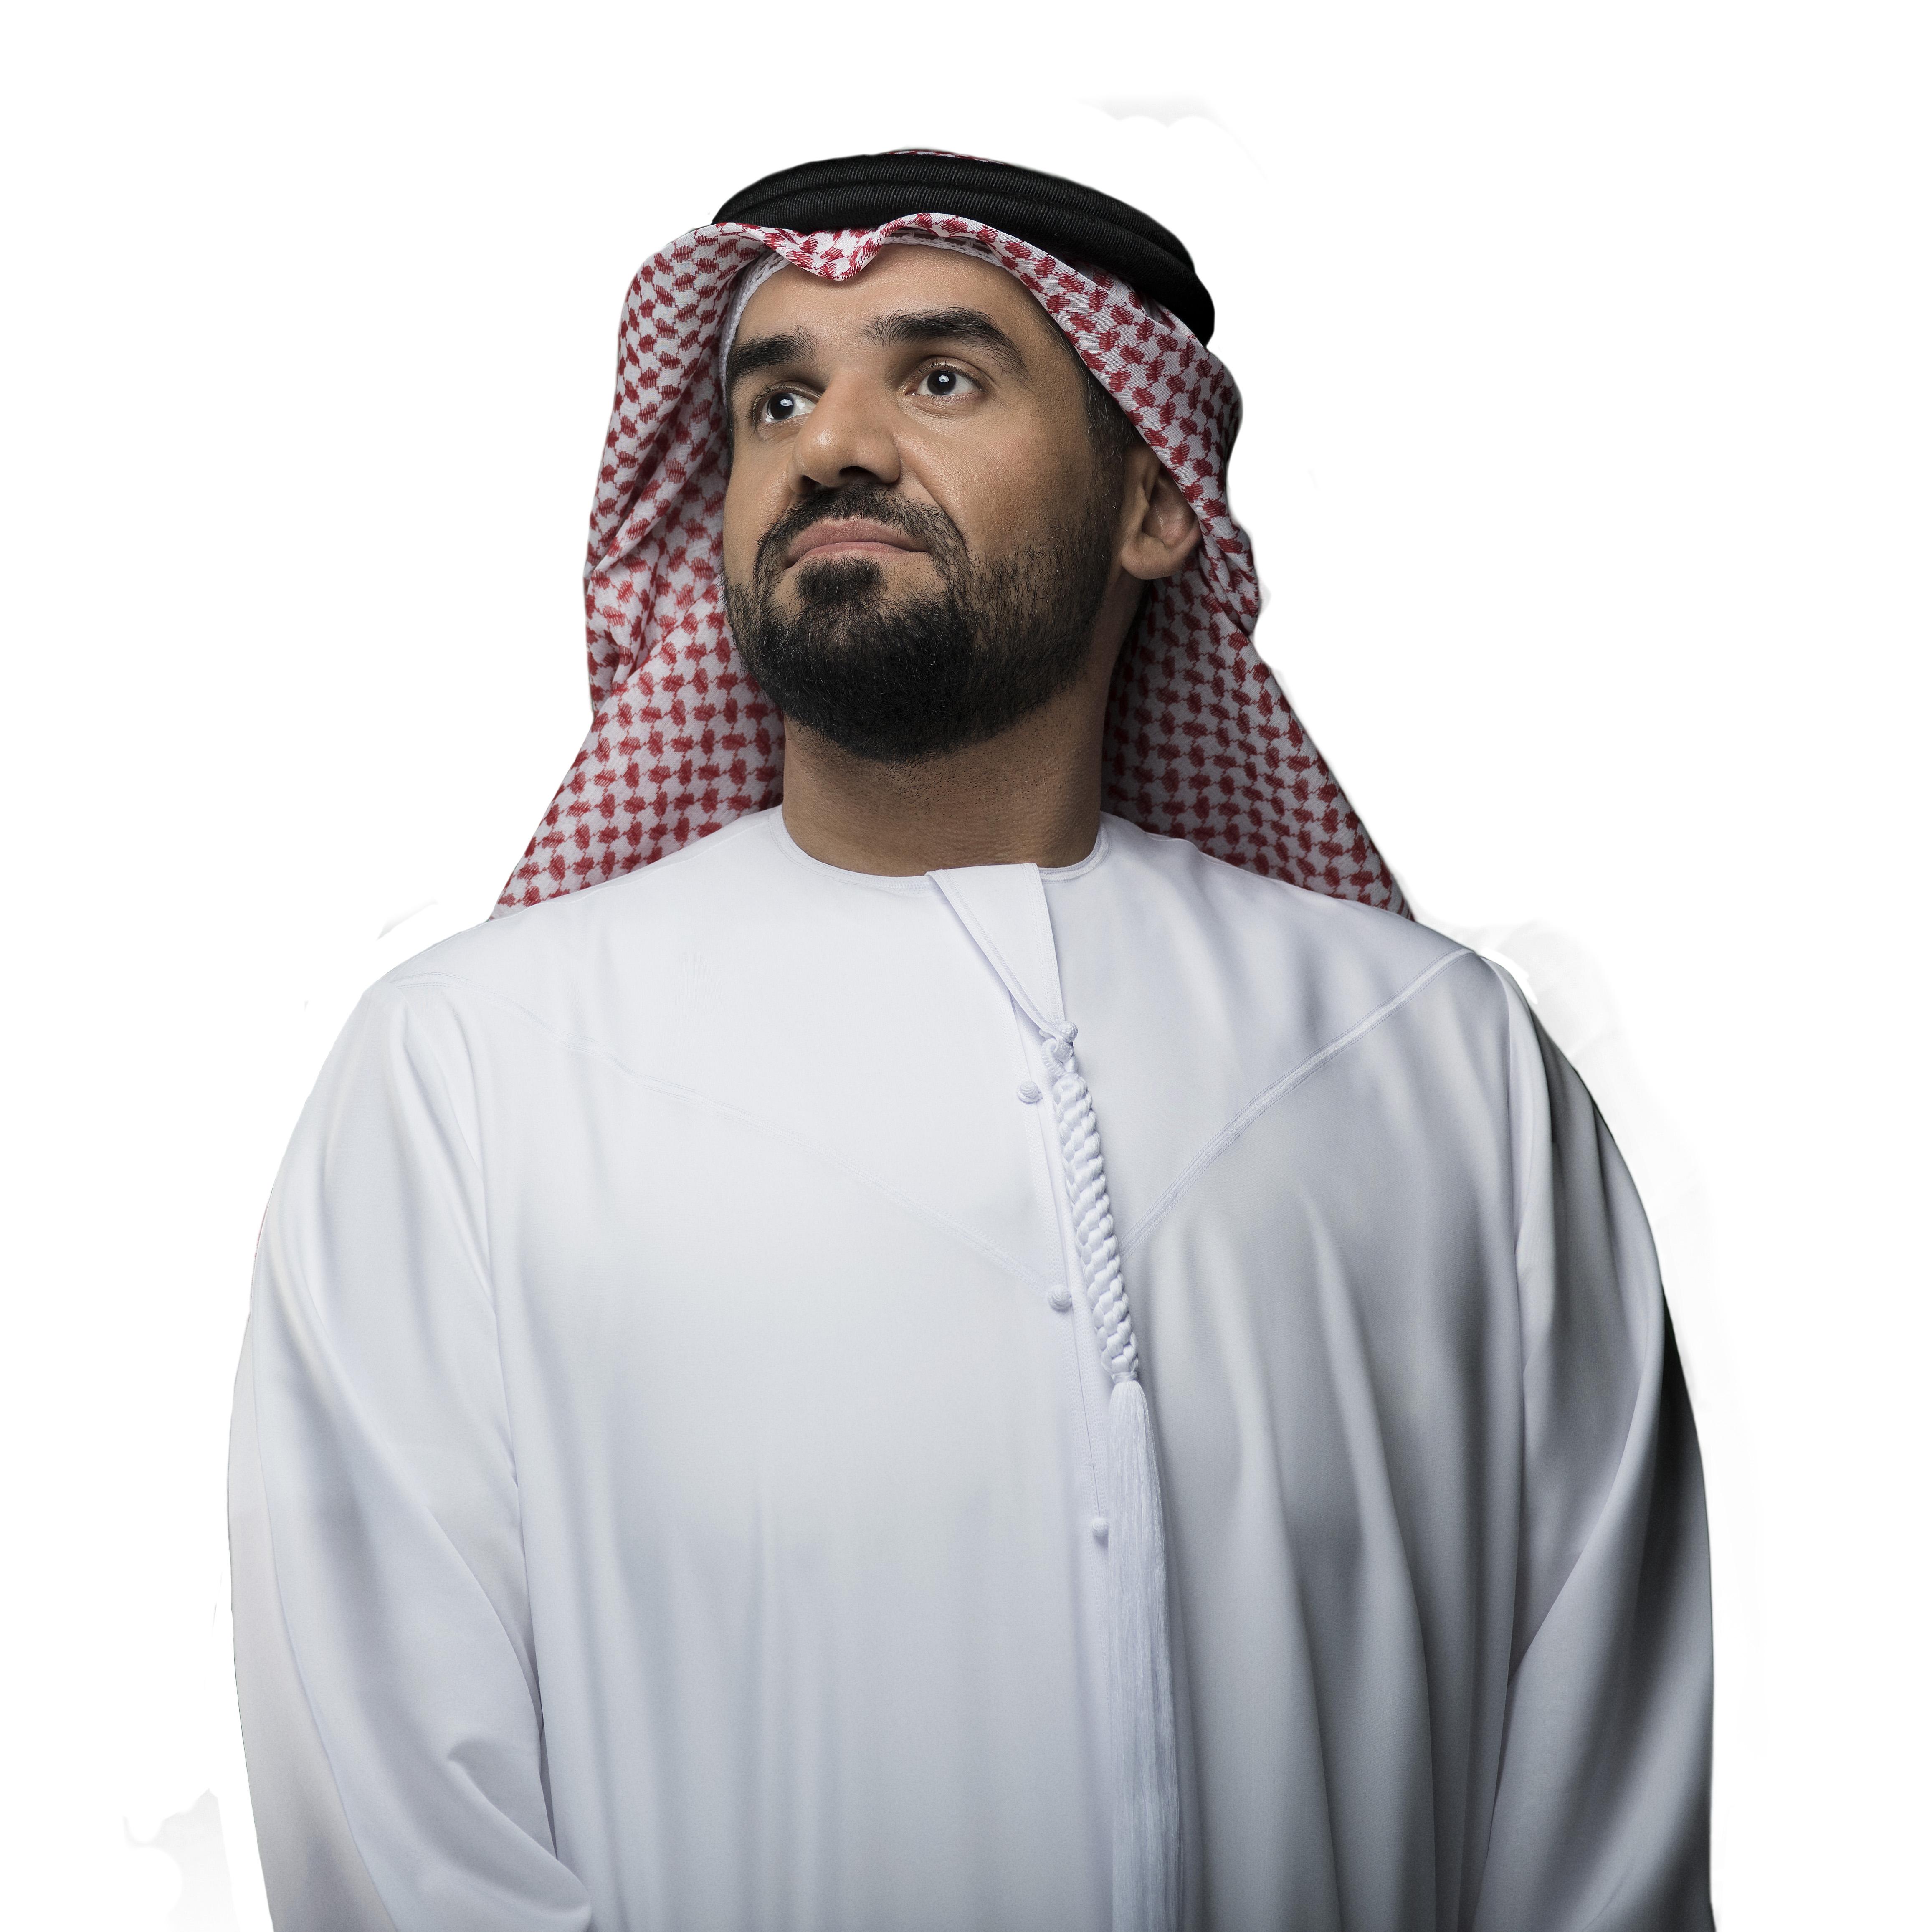 صورة الجسمي يحتفل باليوم الوطني السعودي في جدة وإنتصارات 6 أكتوبر في القاهرة